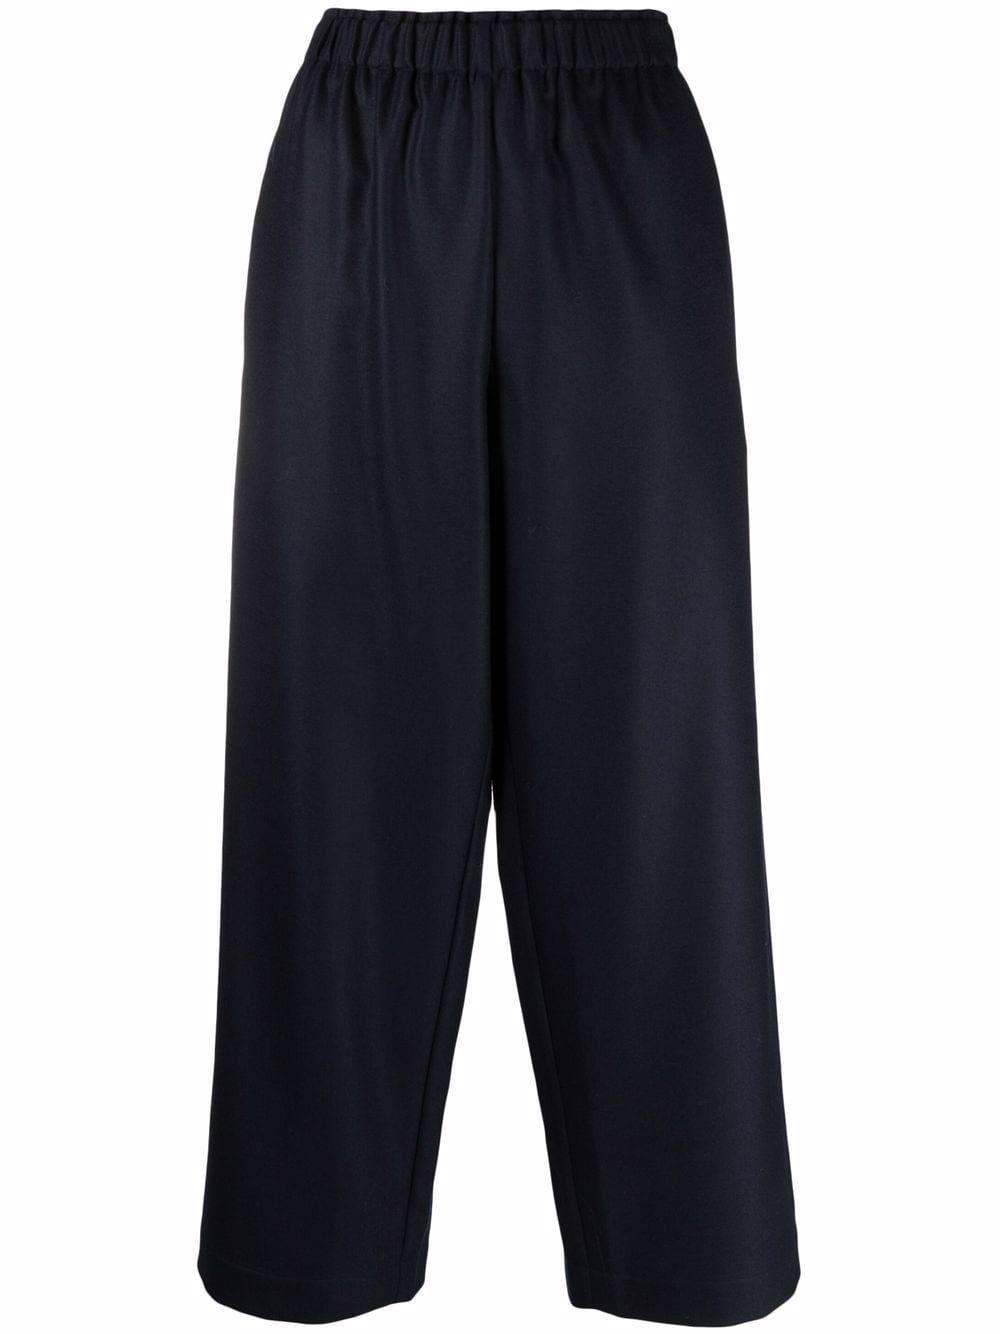 Pantalone in lana - Daniela Gregis